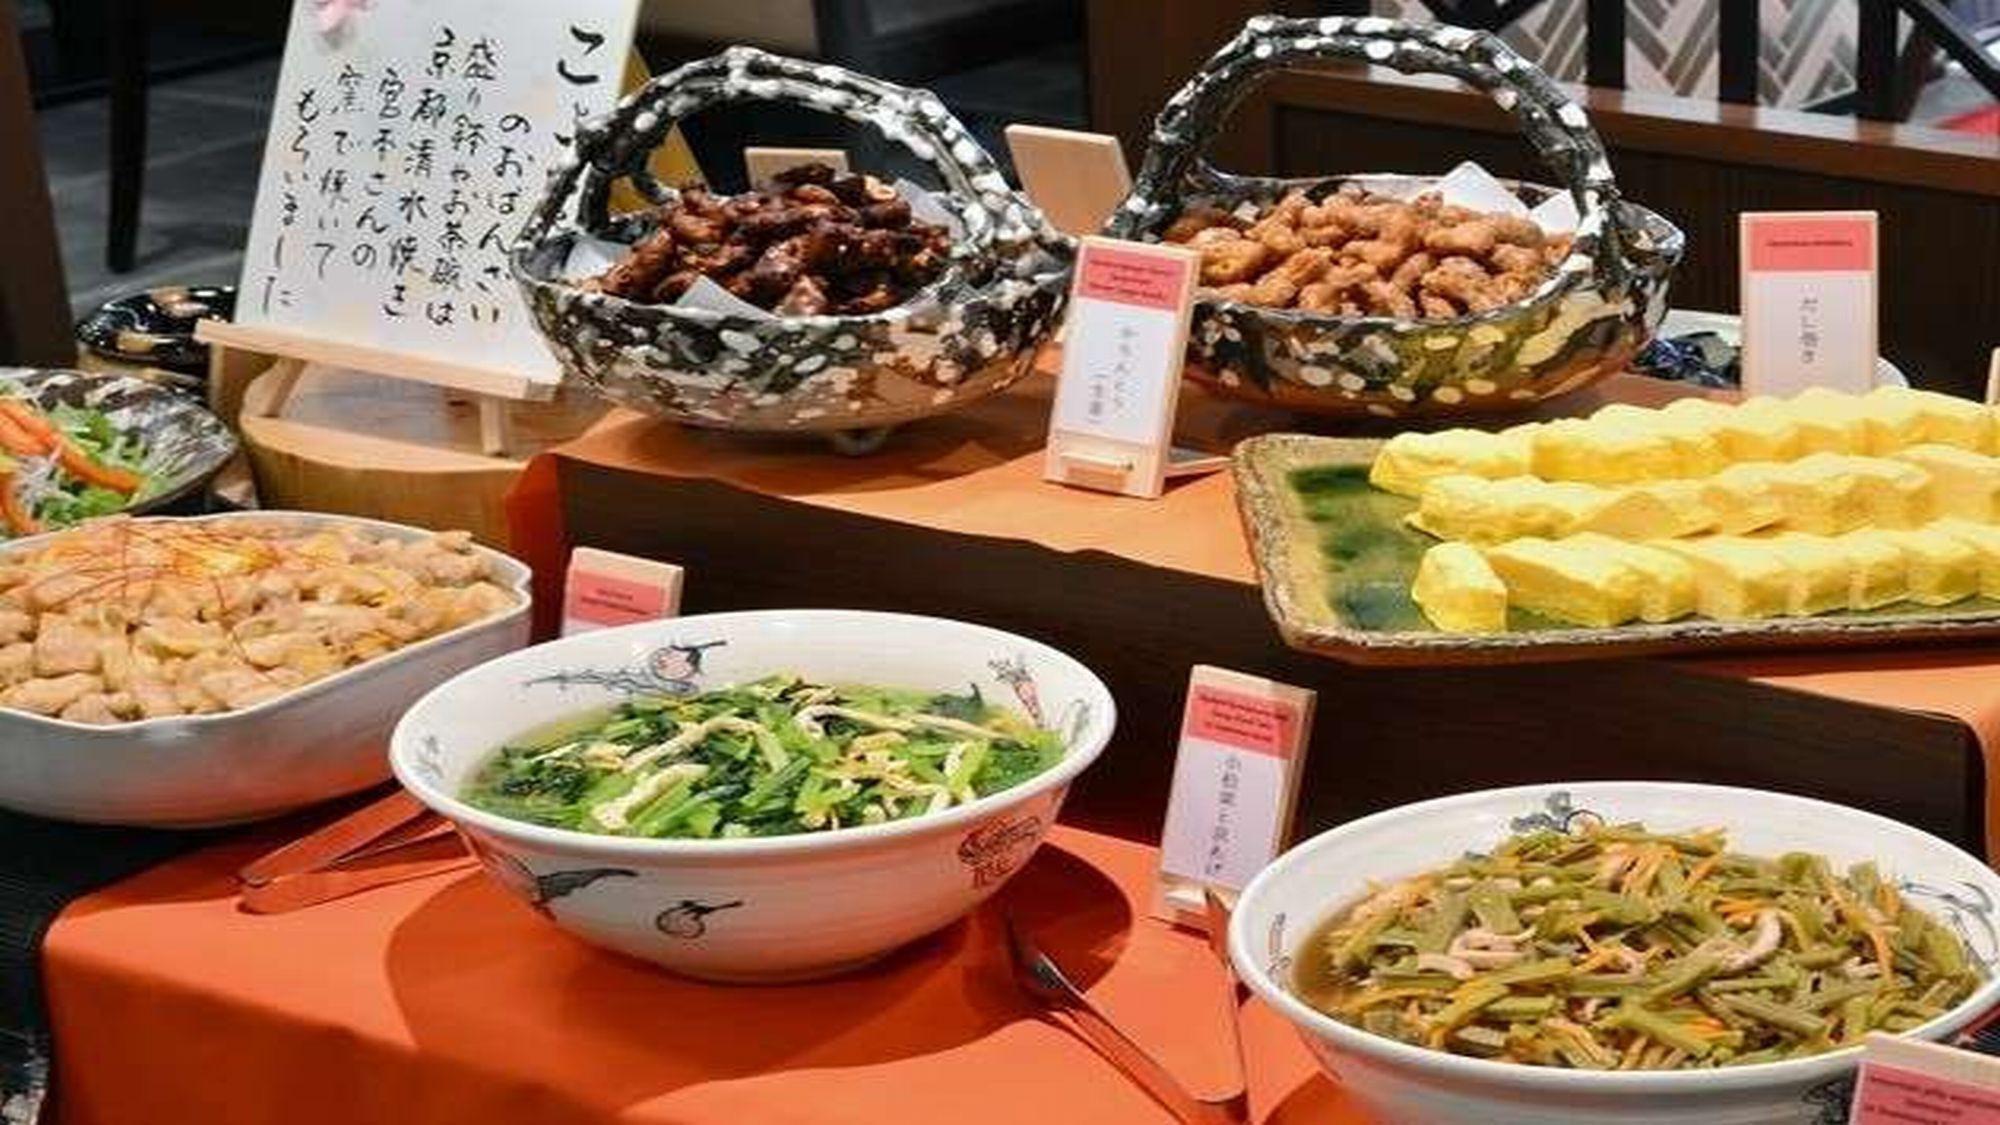 【朝食】おばんざいとは京都の常日頃、家で食べる様なお惣菜です